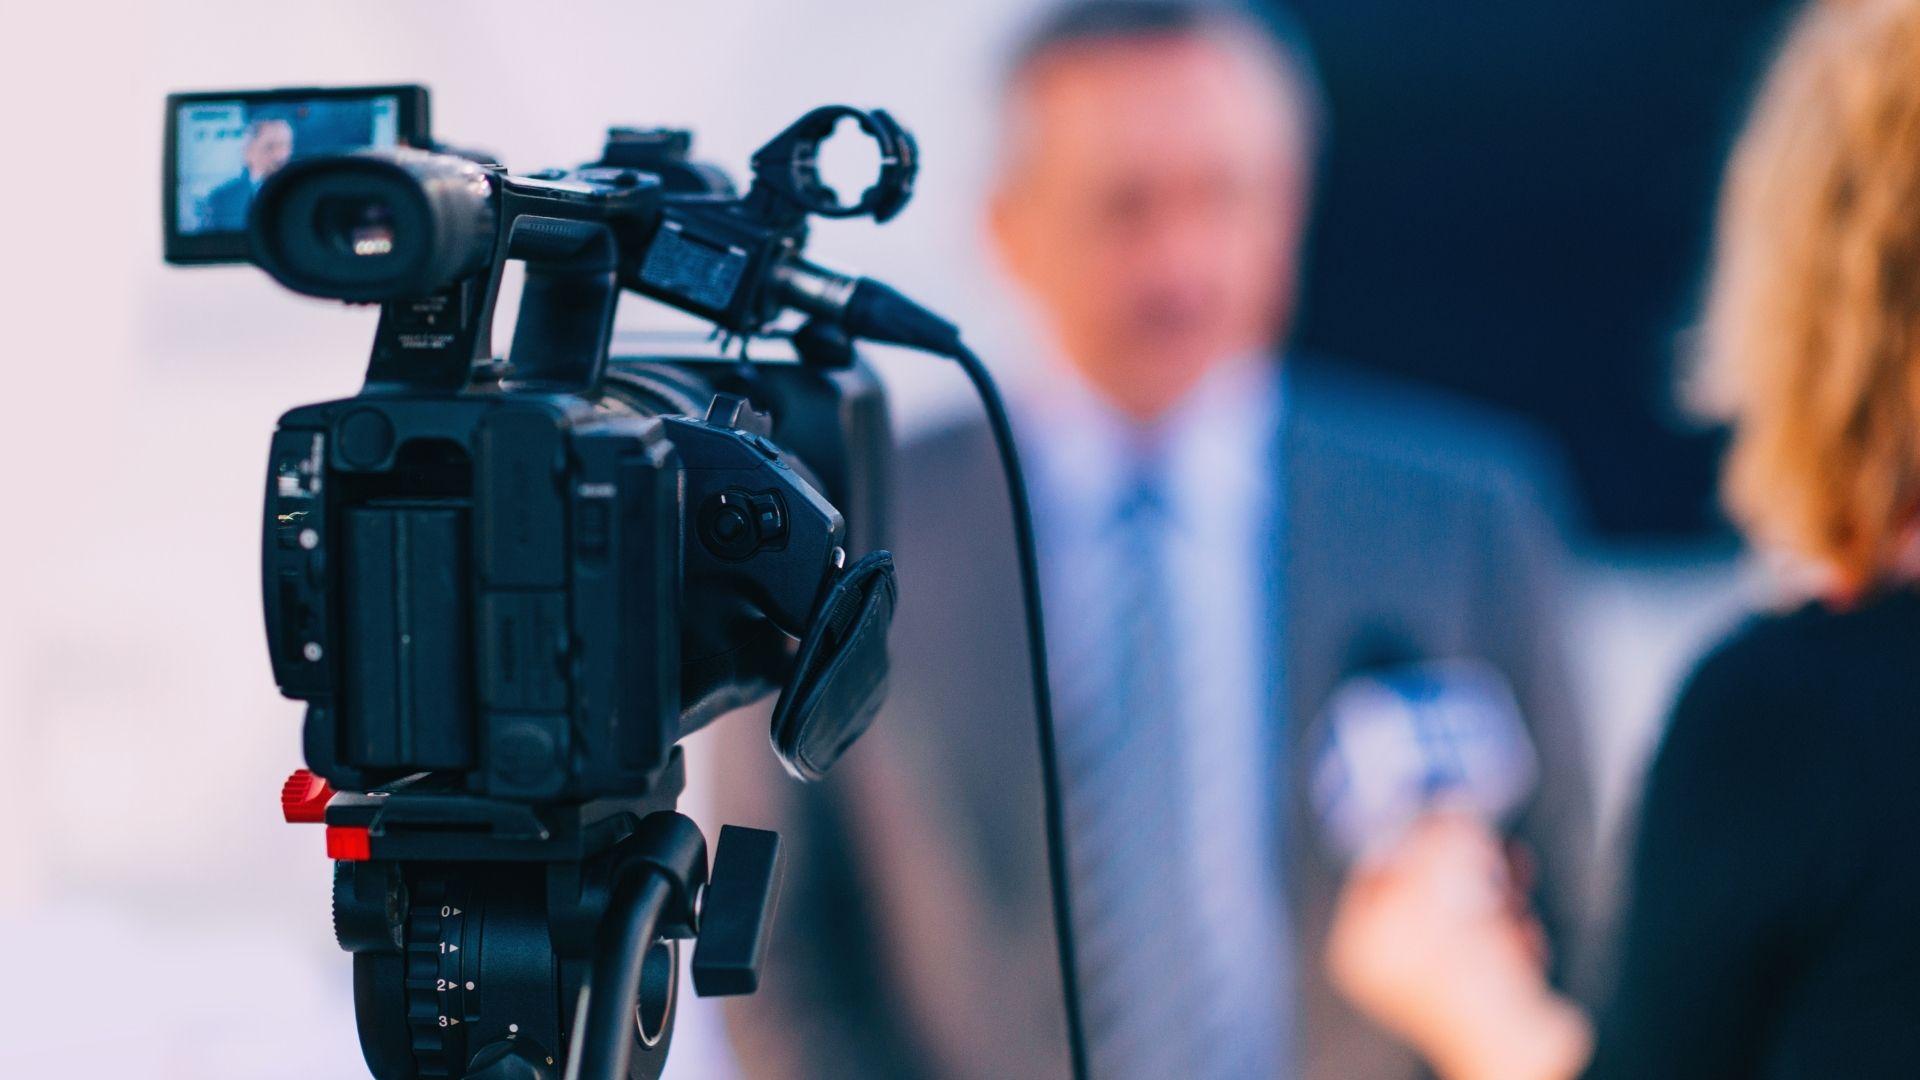 Ψηφιακή Επικοινωνία και Μέσα Μαζικής Ενημέρωσης